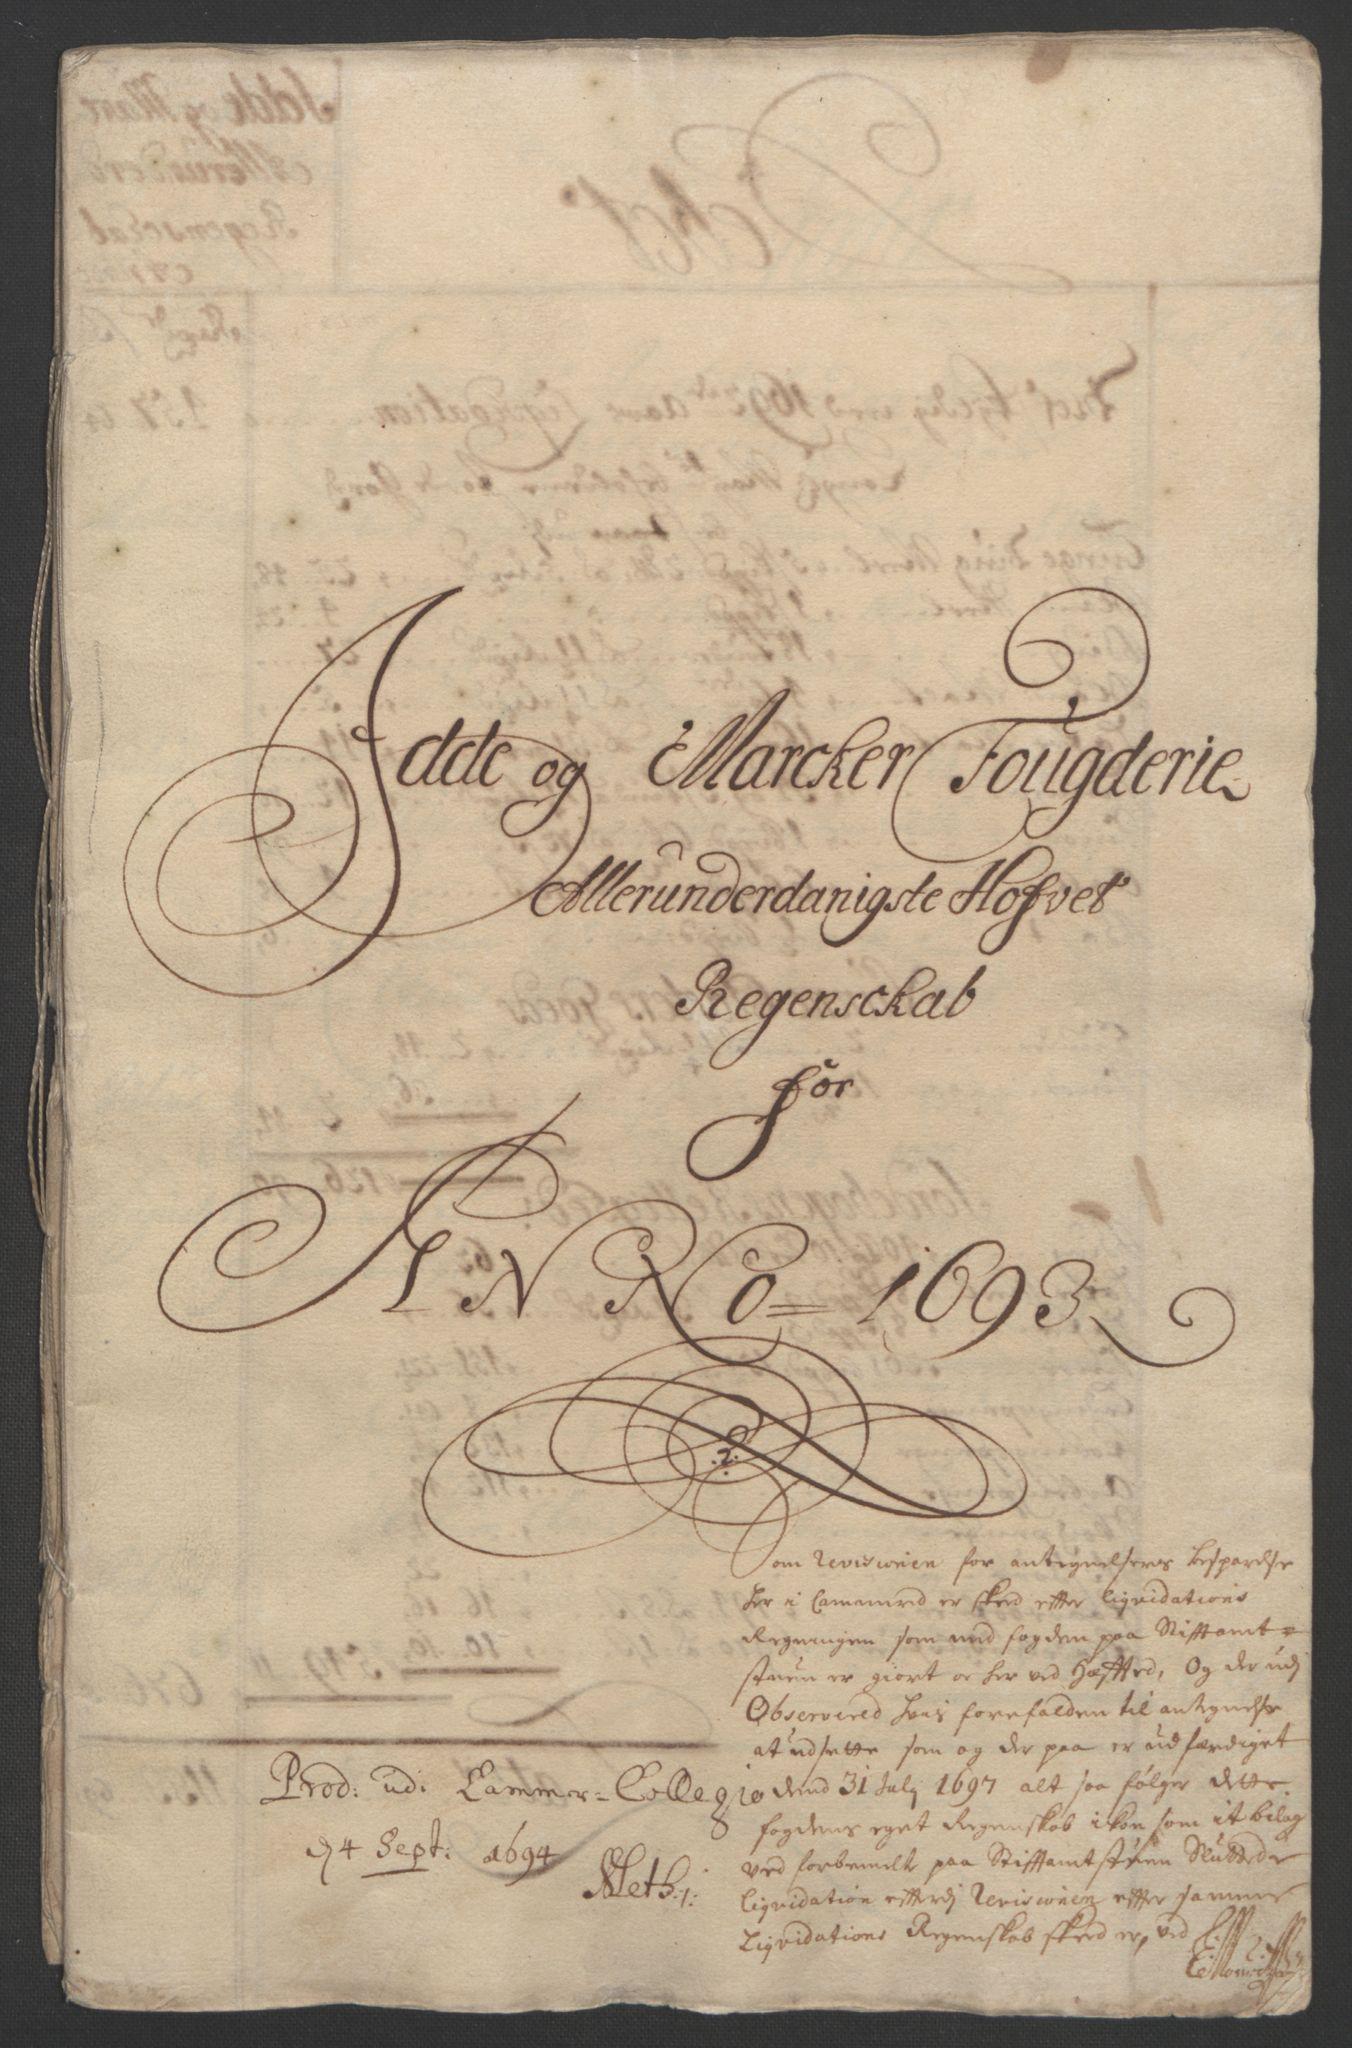 RA, Rentekammeret inntil 1814, Reviderte regnskaper, Fogderegnskap, R01/L0011: Fogderegnskap Idd og Marker, 1692-1693, s. 193